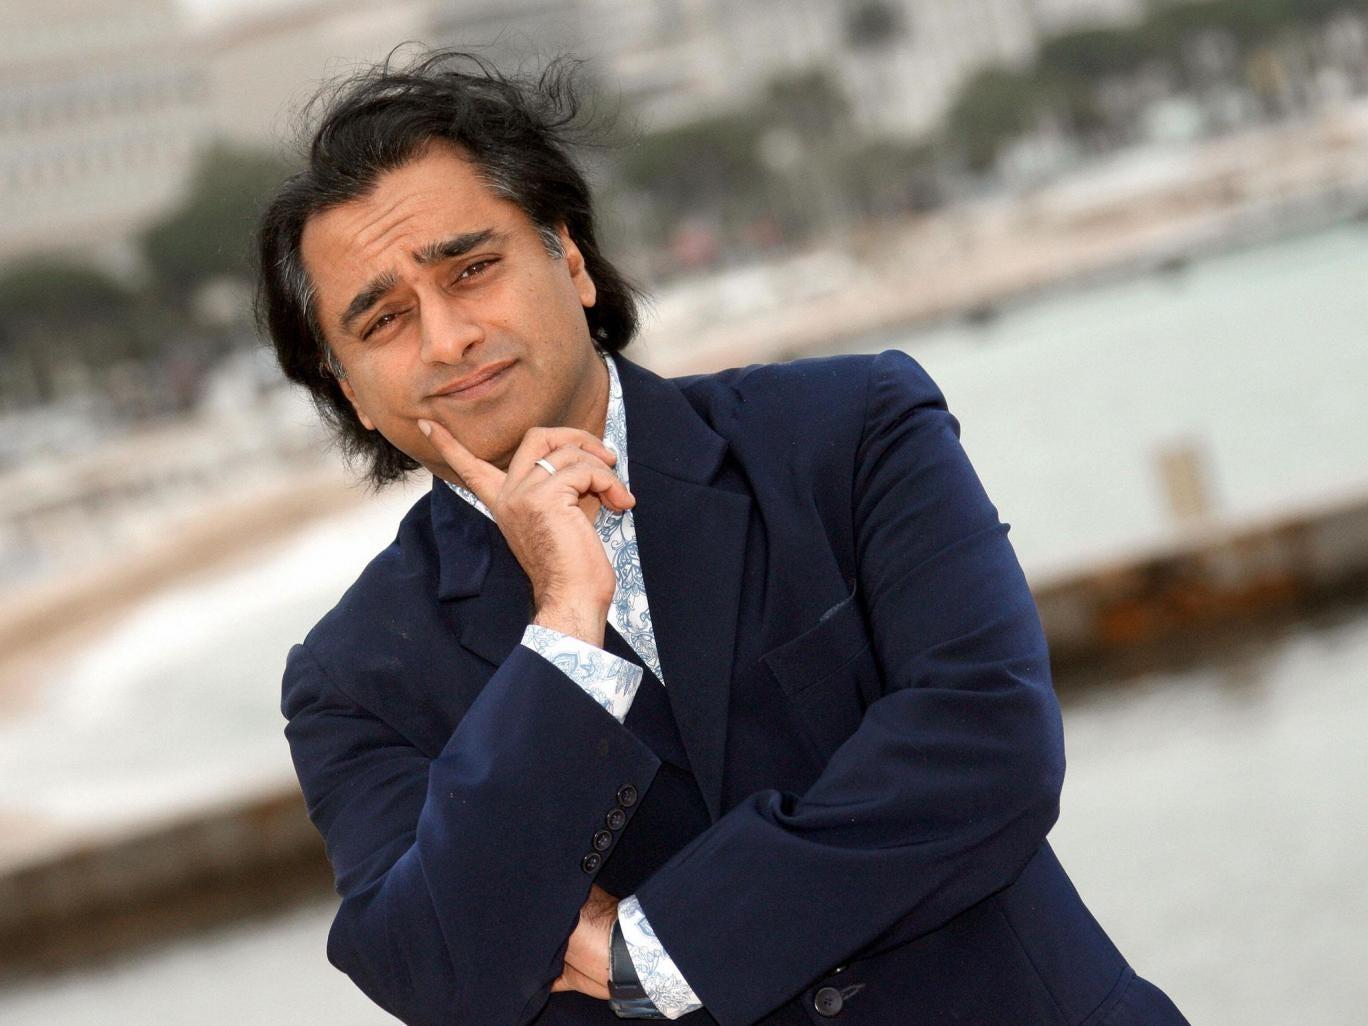 Comedian, actor and broadcaster Sanjeev Bhaskar